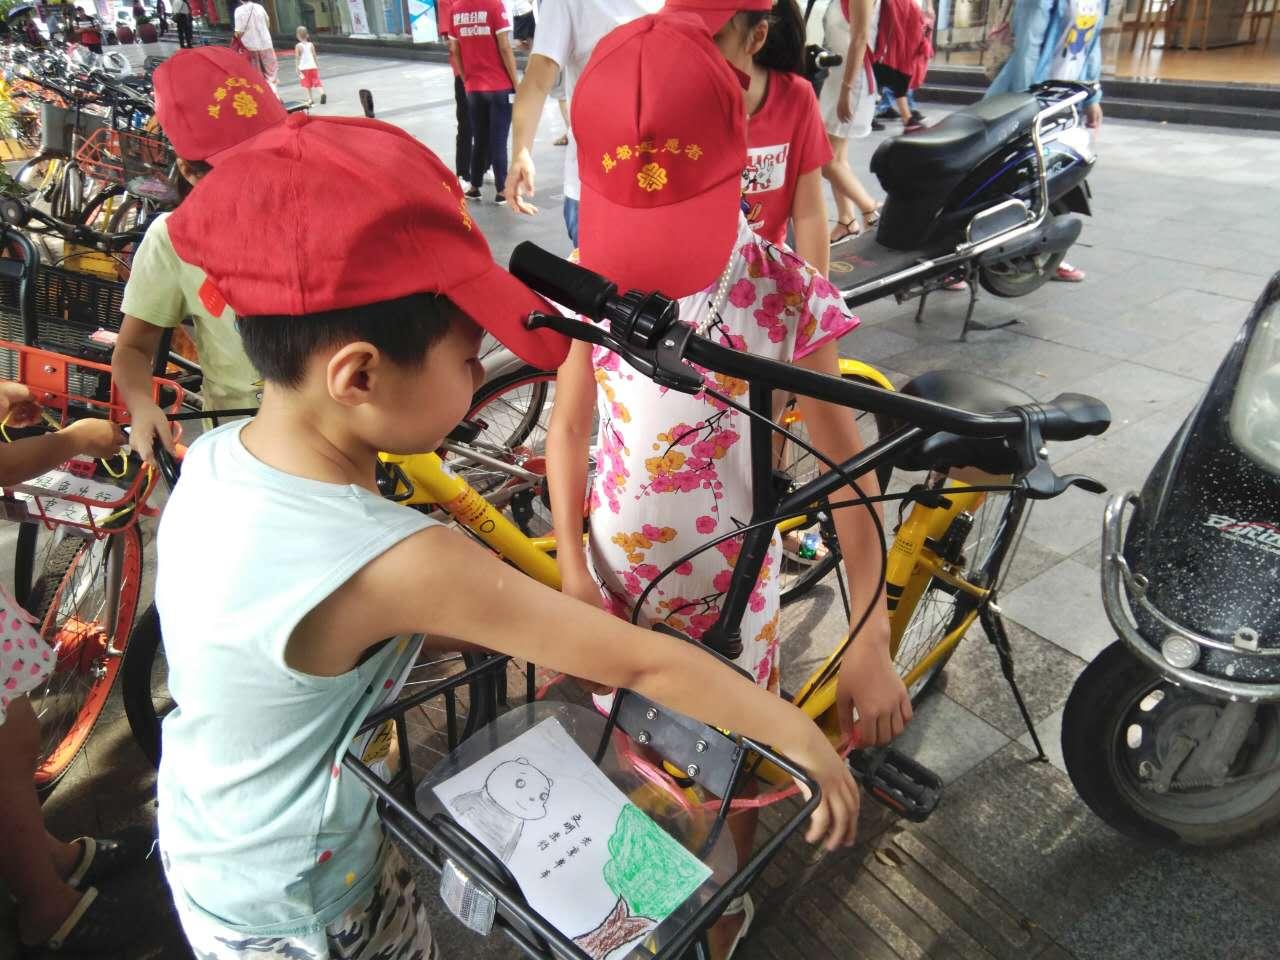 武侯小志愿者手绘宣传画呼吁文明使用共享单车